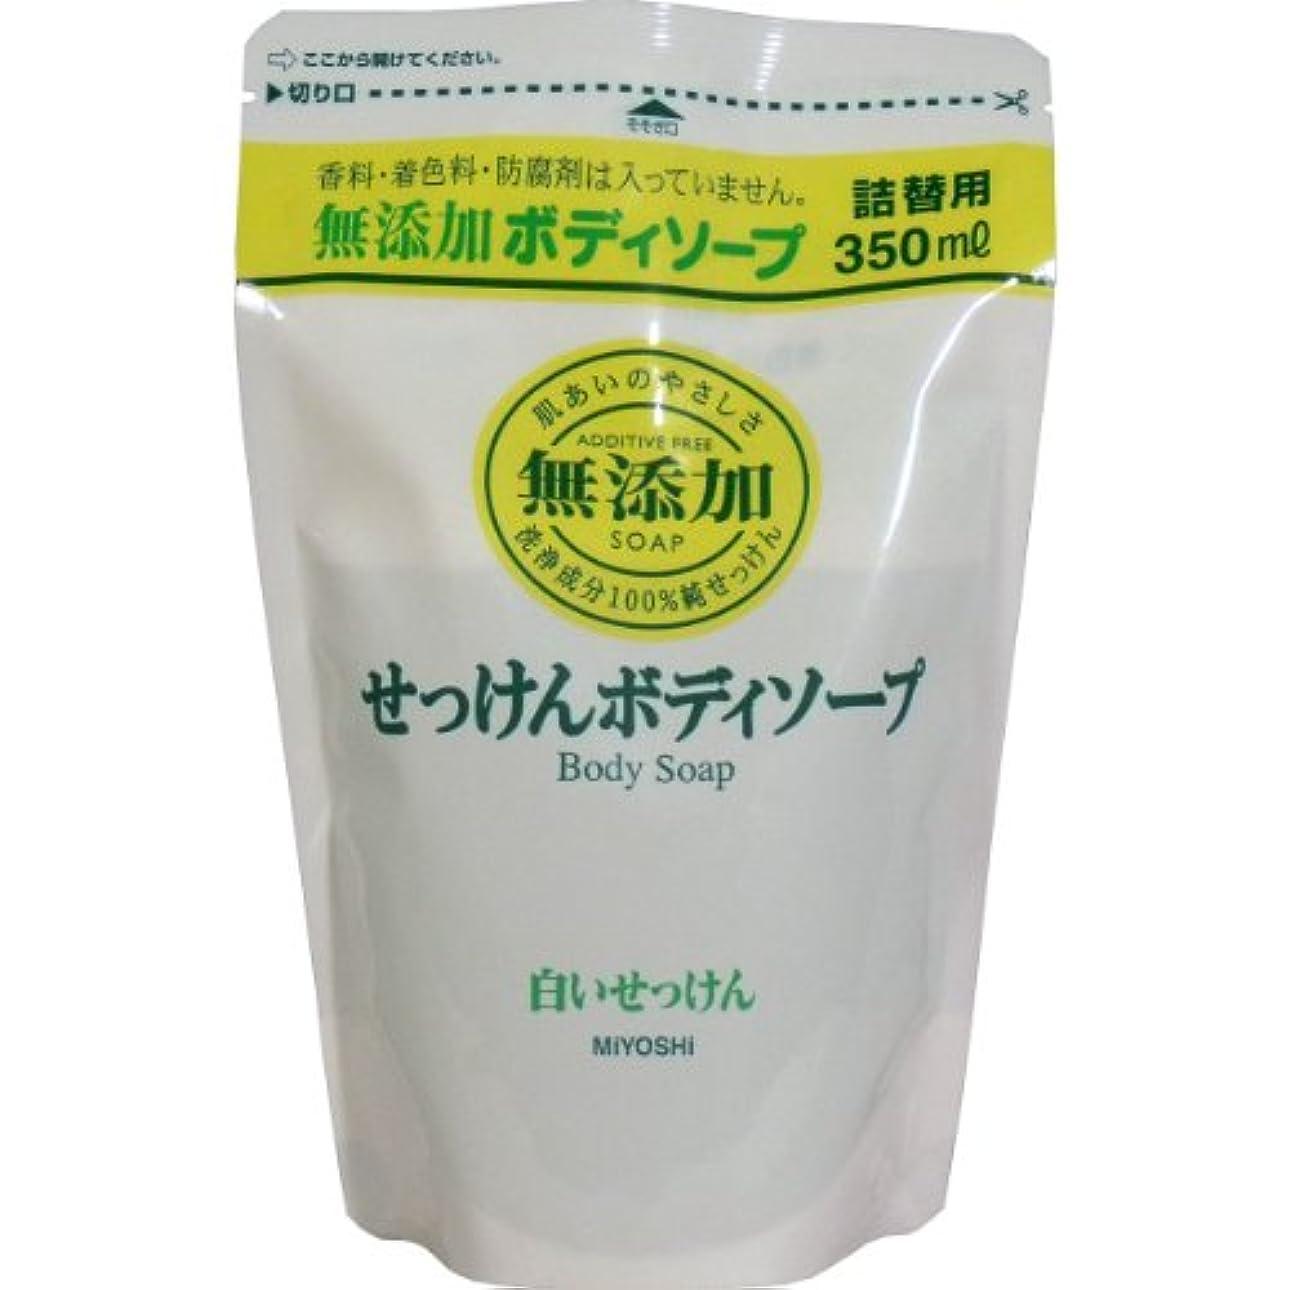 悔い改めお風呂を持っている成功ミヨシ 無添加 ボディソープ 白い石けん つめかえ用 350ml(無添加石鹸) x 10個セット